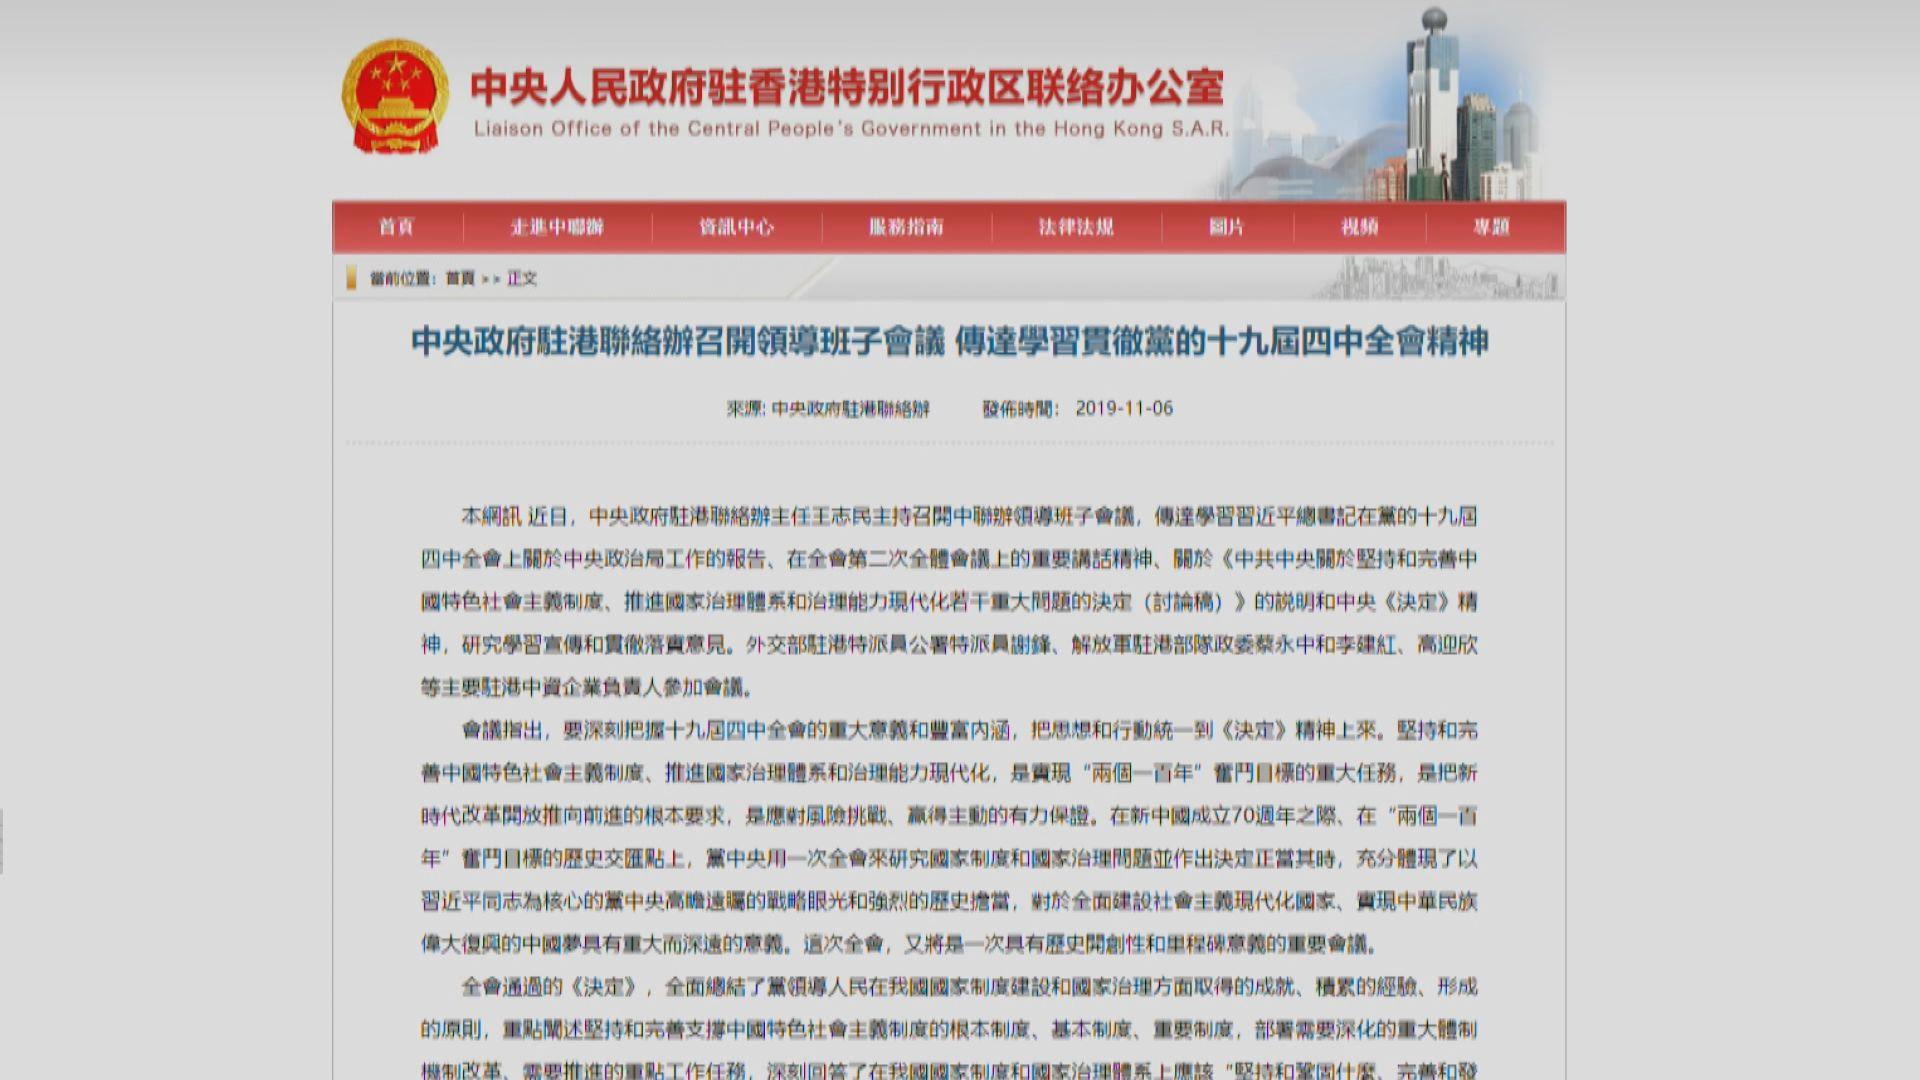 中聯辦會議 完善香港制度體系推動一國兩制